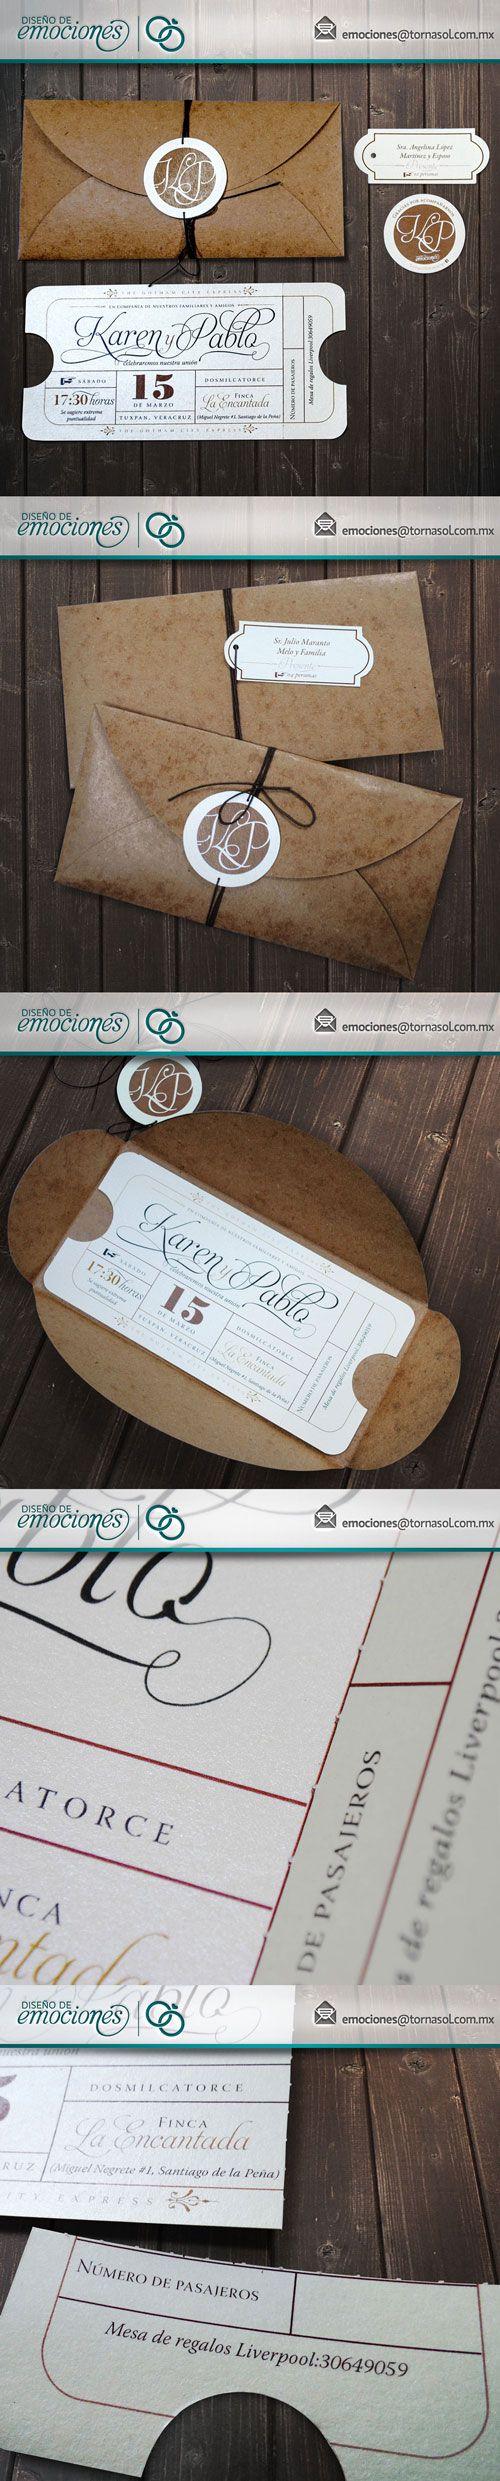 Invitación para boda, simulación de boleto antiguo con plegado para desprender ticket de acceso.